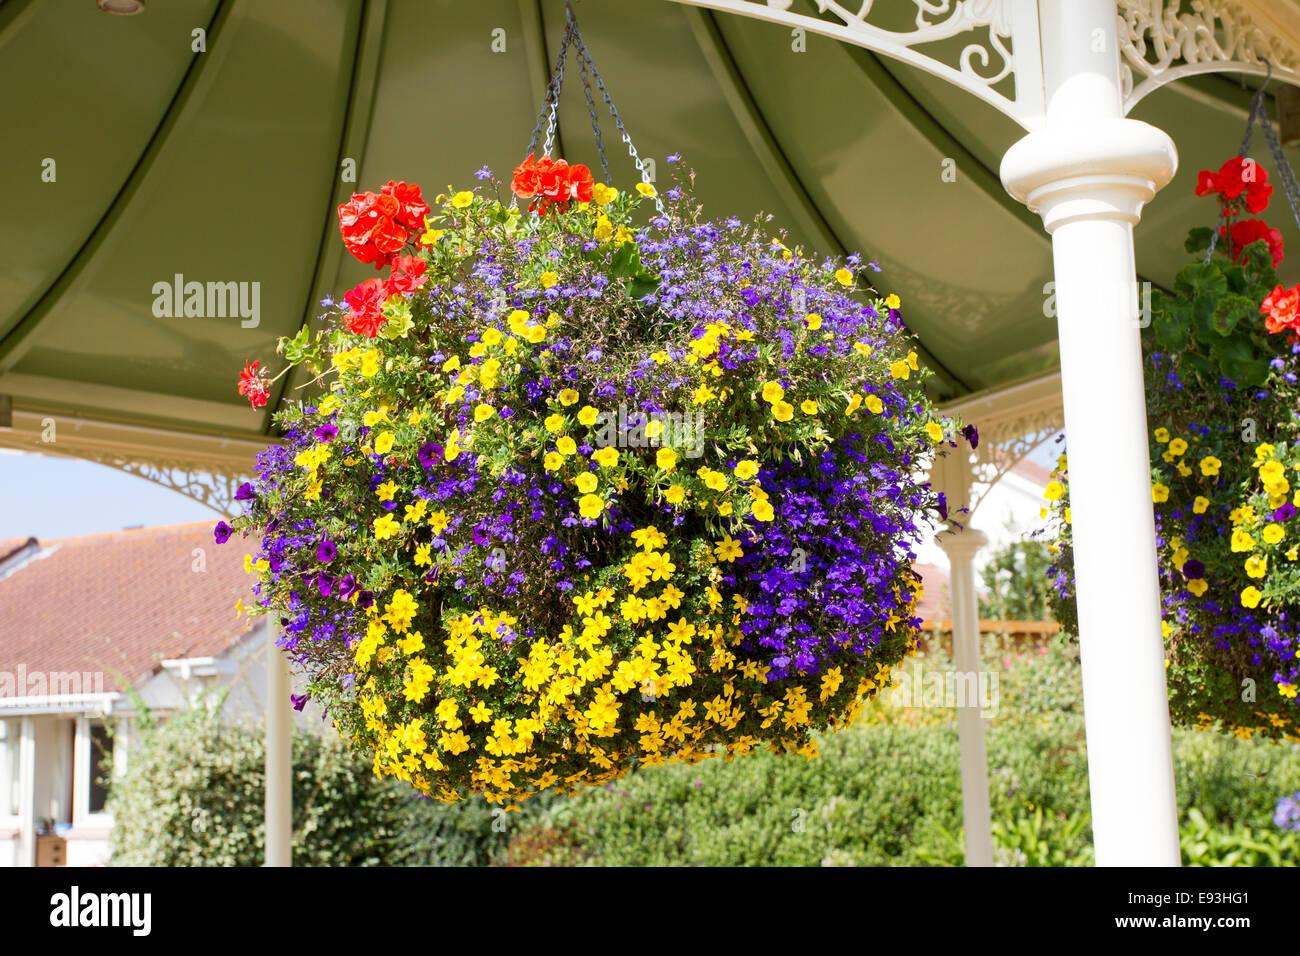 st ouen's parish  flower display hanging baskets - Stock Image